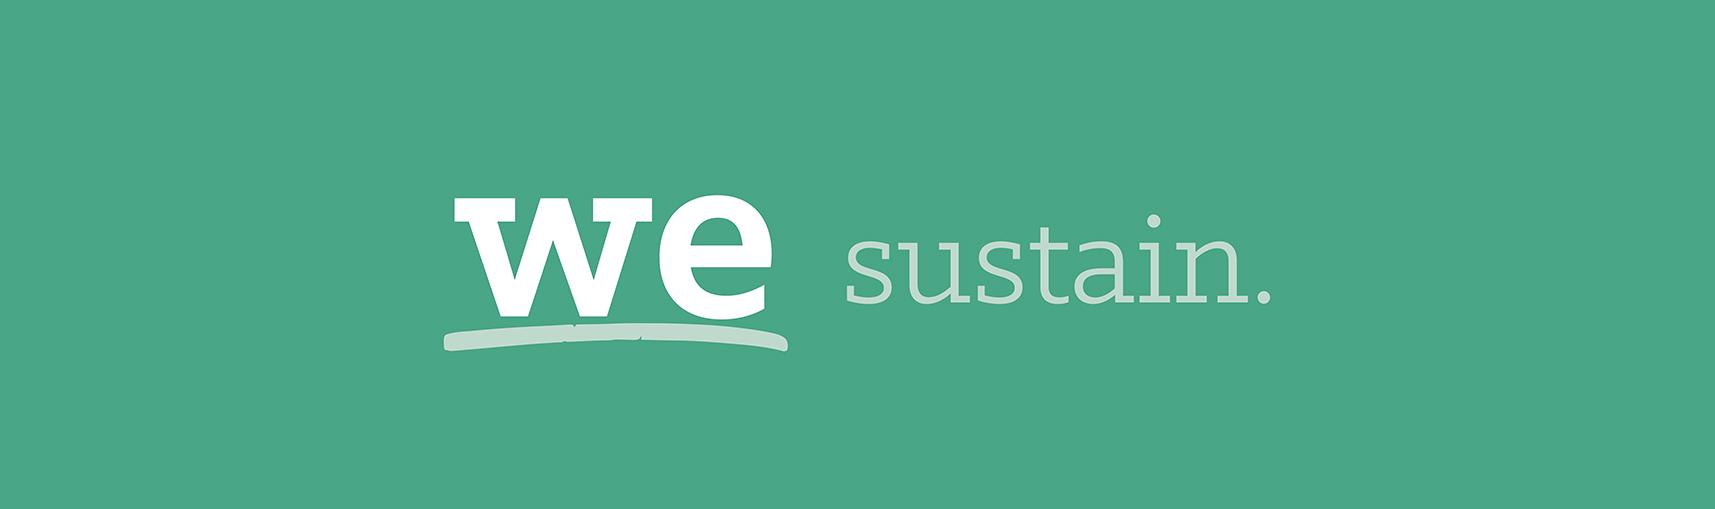 We Sustain.